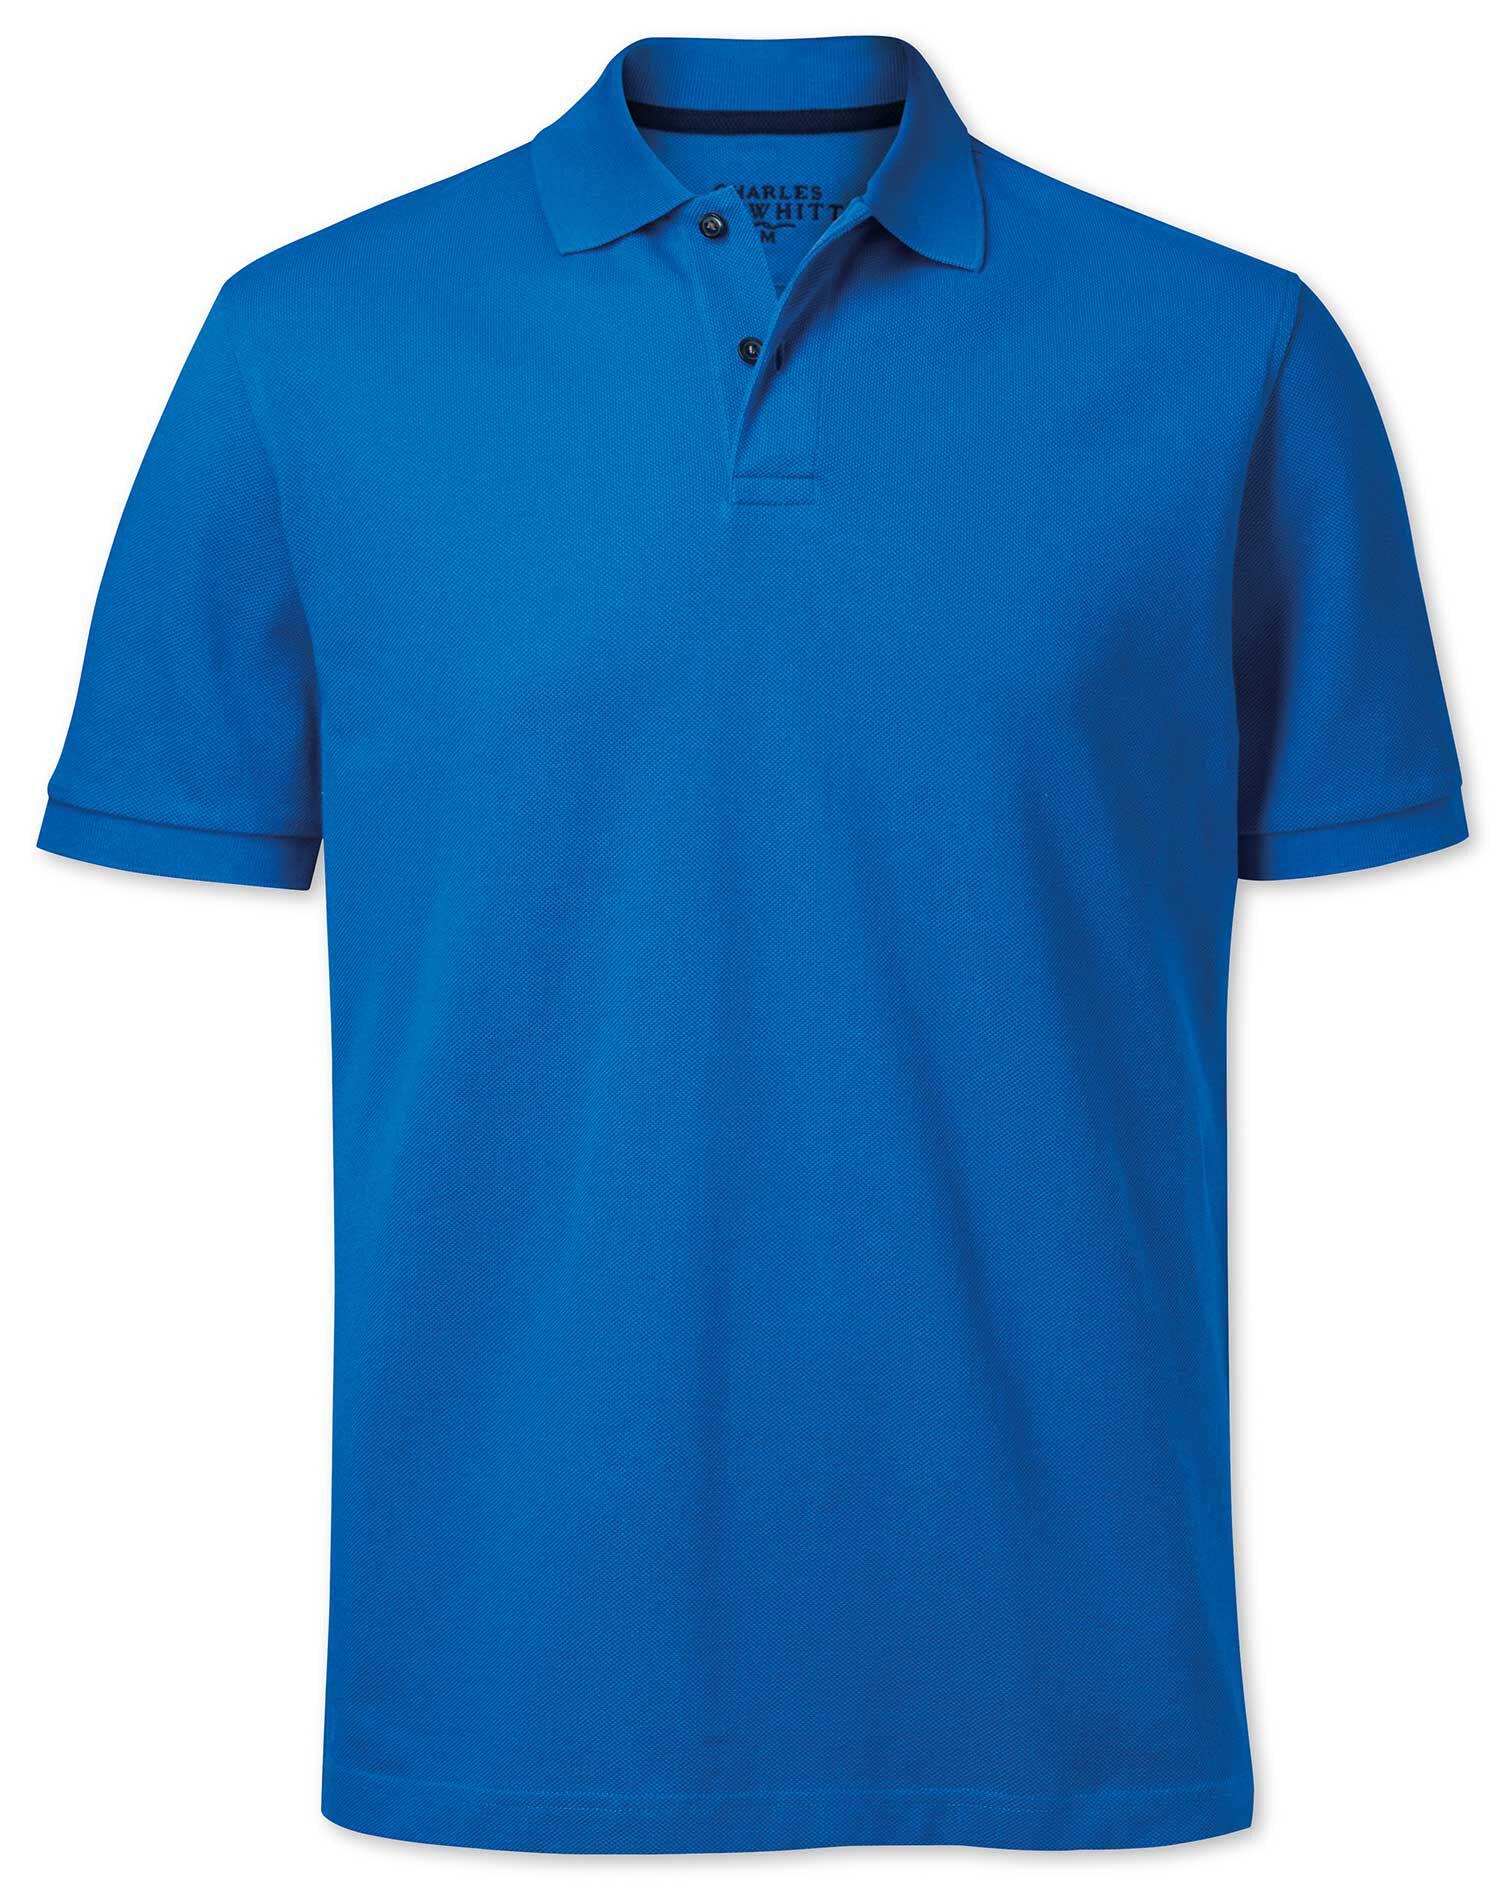 Piqué Polo Bleu Polo Vif En Bleu gb6yfvIY7m